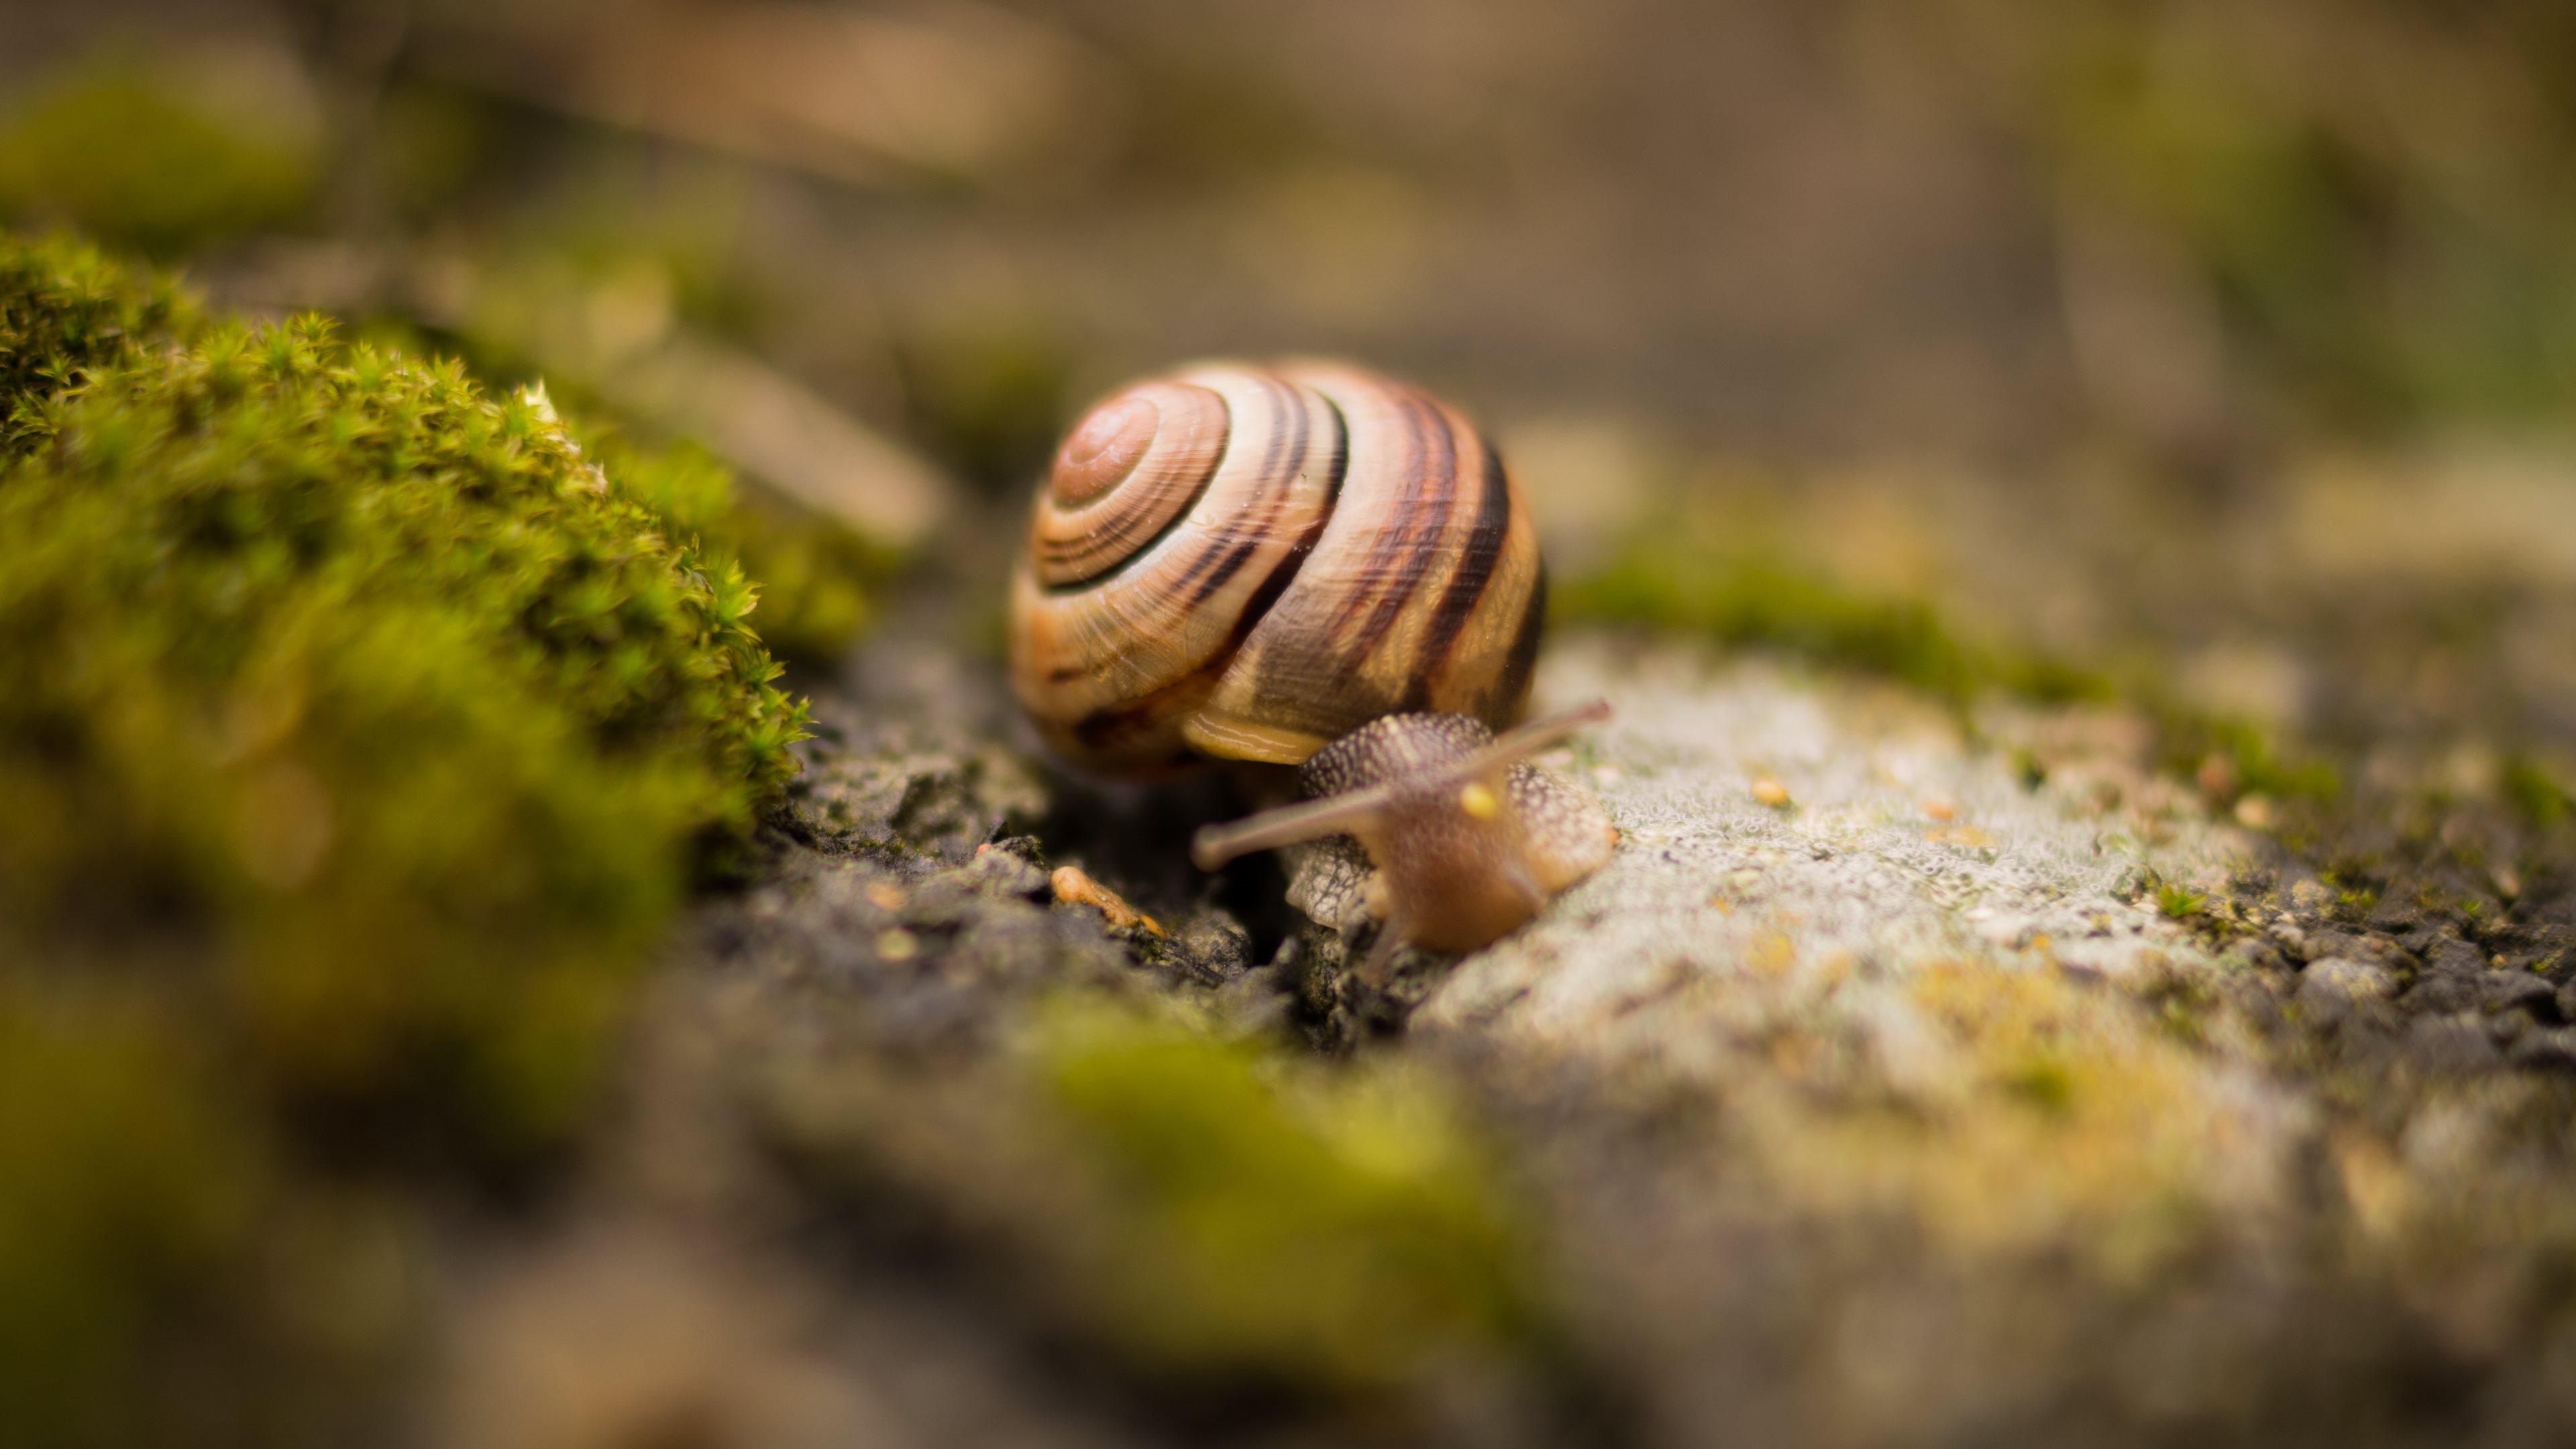 snail wide hd wallpaper 51248